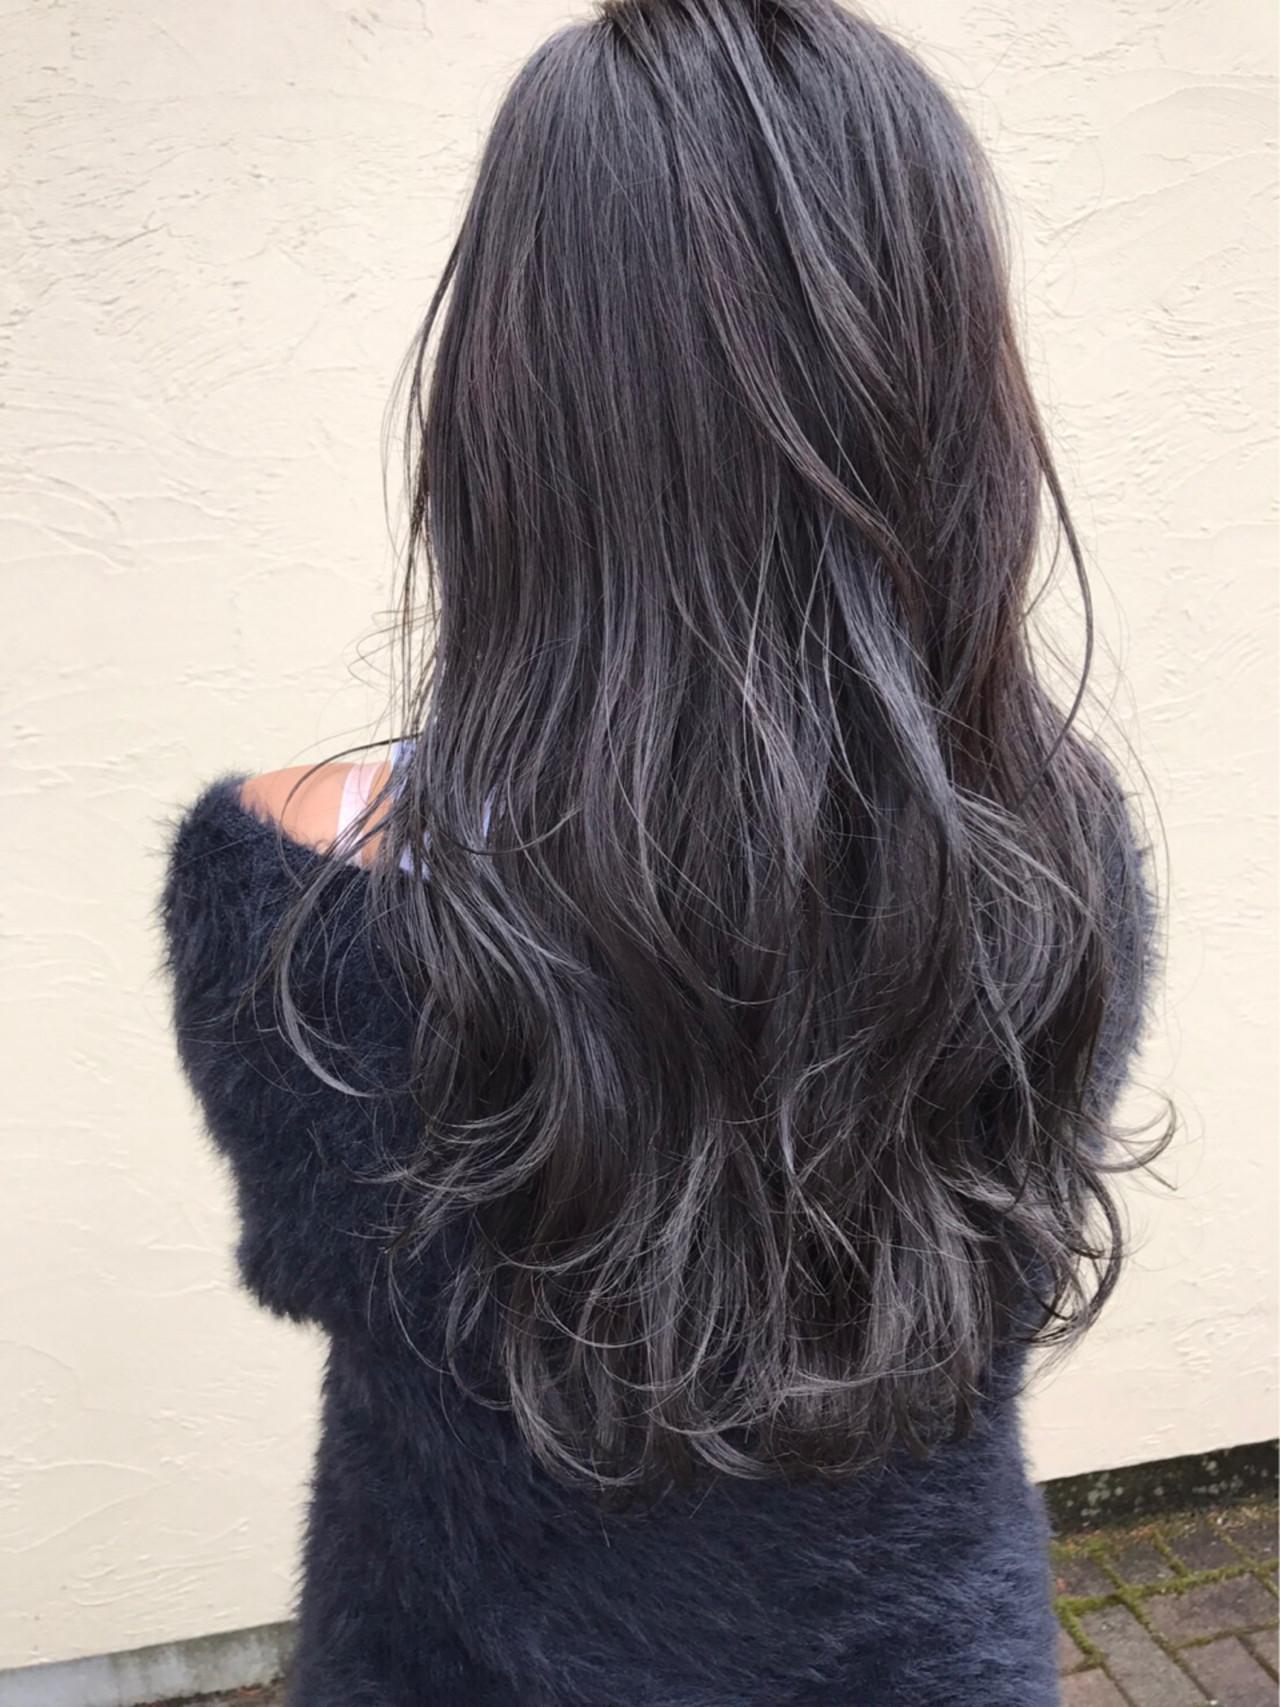 ストリート セミロング ダブルカラー ヘアスタイルや髪型の写真・画像